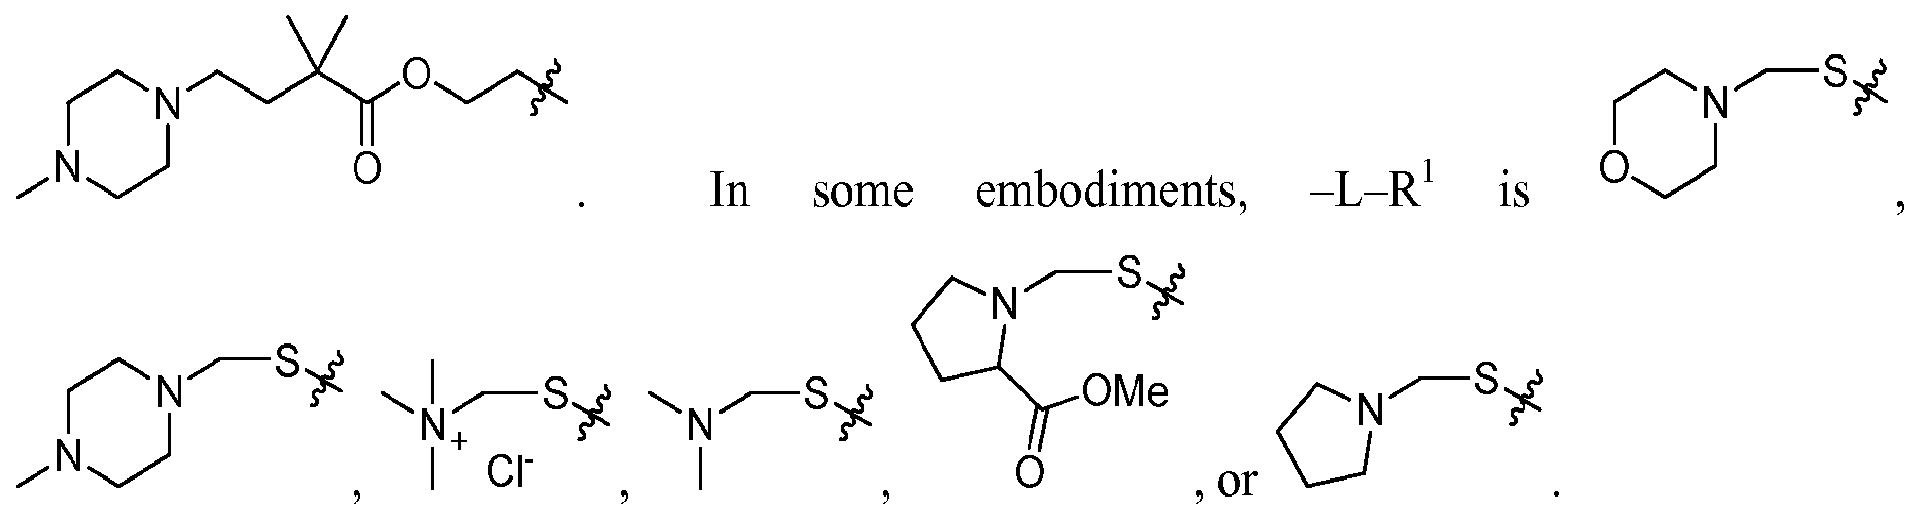 Figure imgf000100_0004